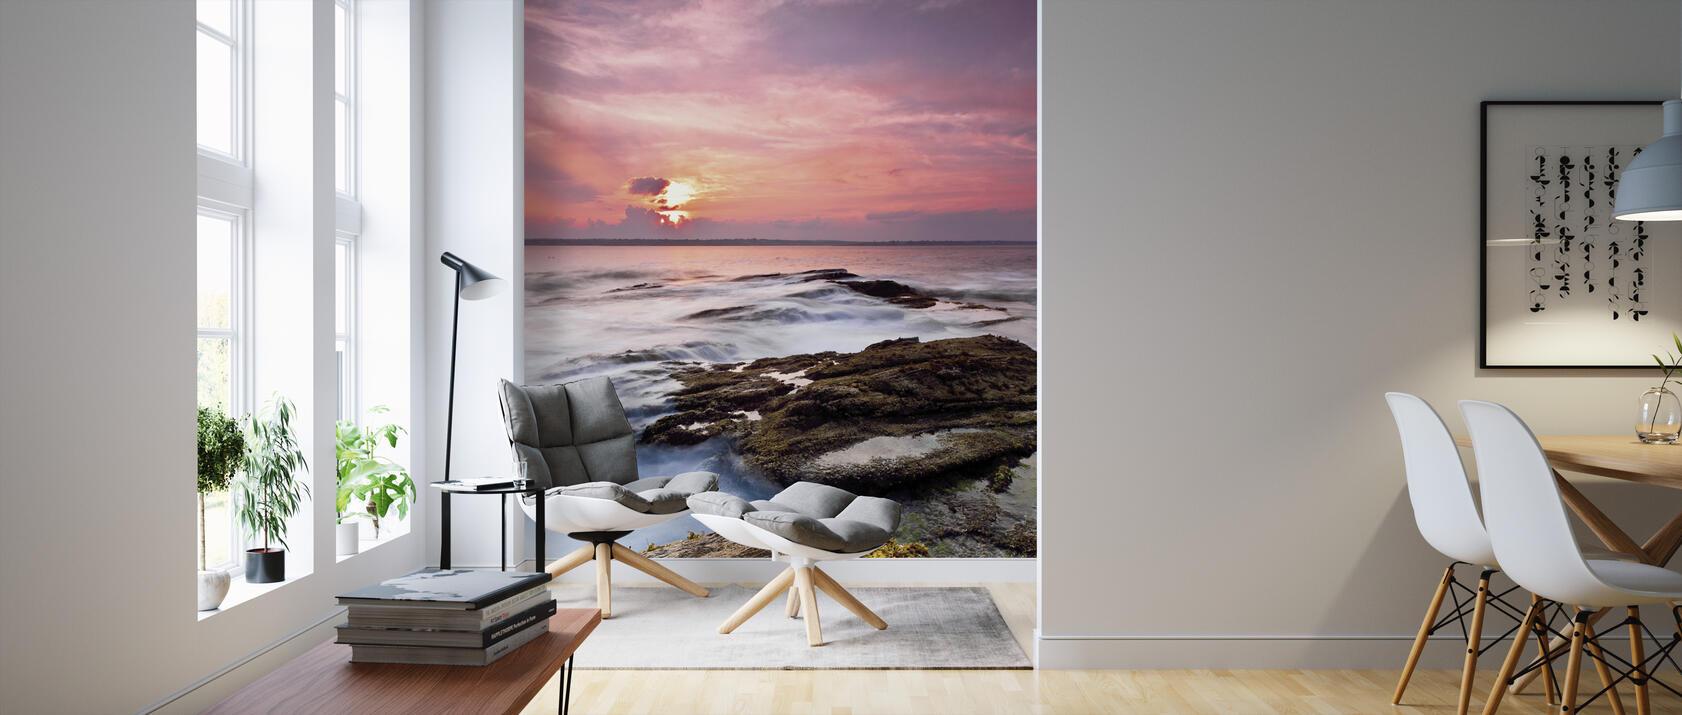 swirling mit fototapeten einrichten photowall. Black Bedroom Furniture Sets. Home Design Ideas